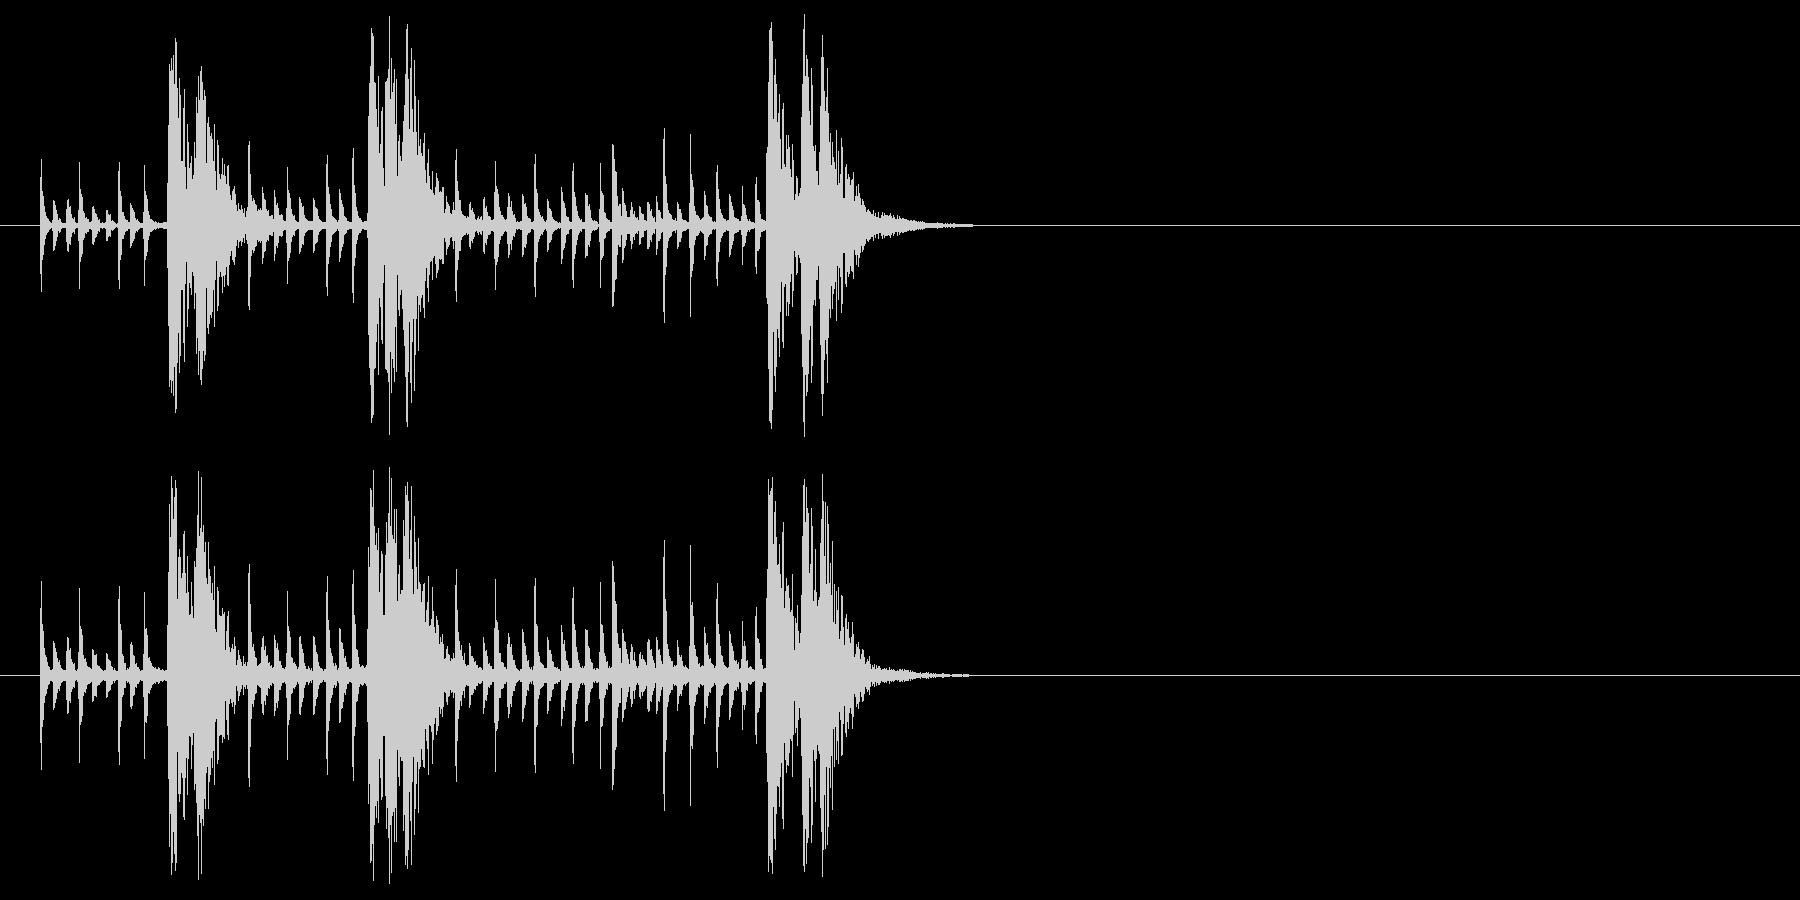 アンサンブル及びラテン系ジングルの未再生の波形